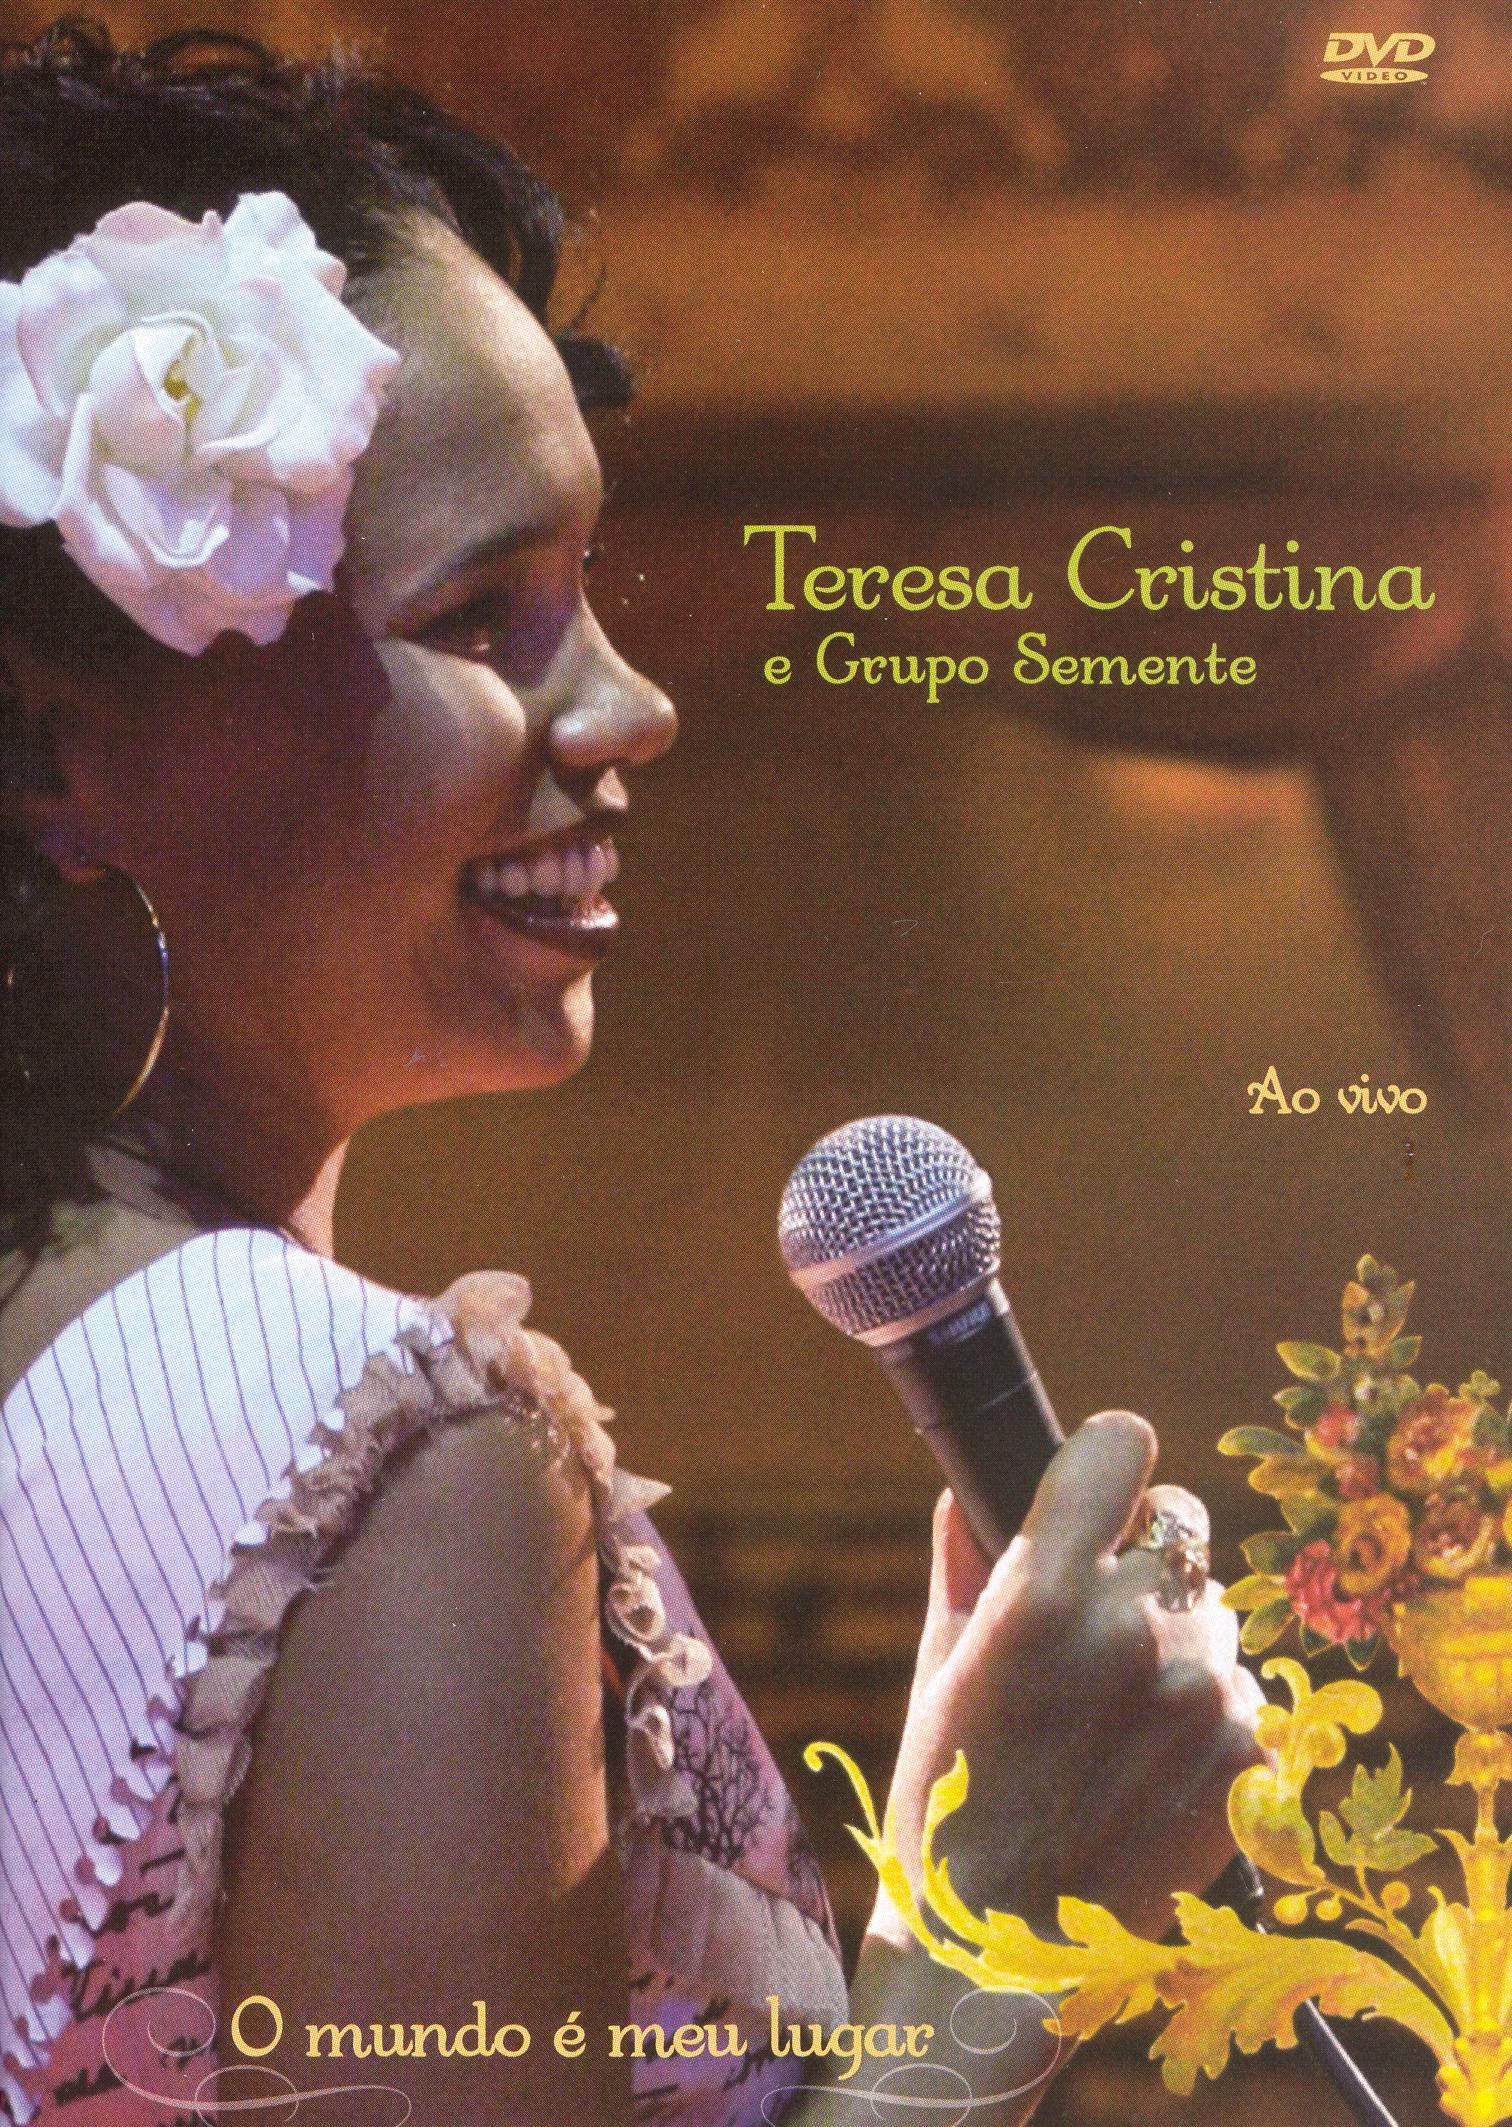 Teresa Cristina/Grupo Semente: O Mundo E Meu Lugar: Ao Vivo